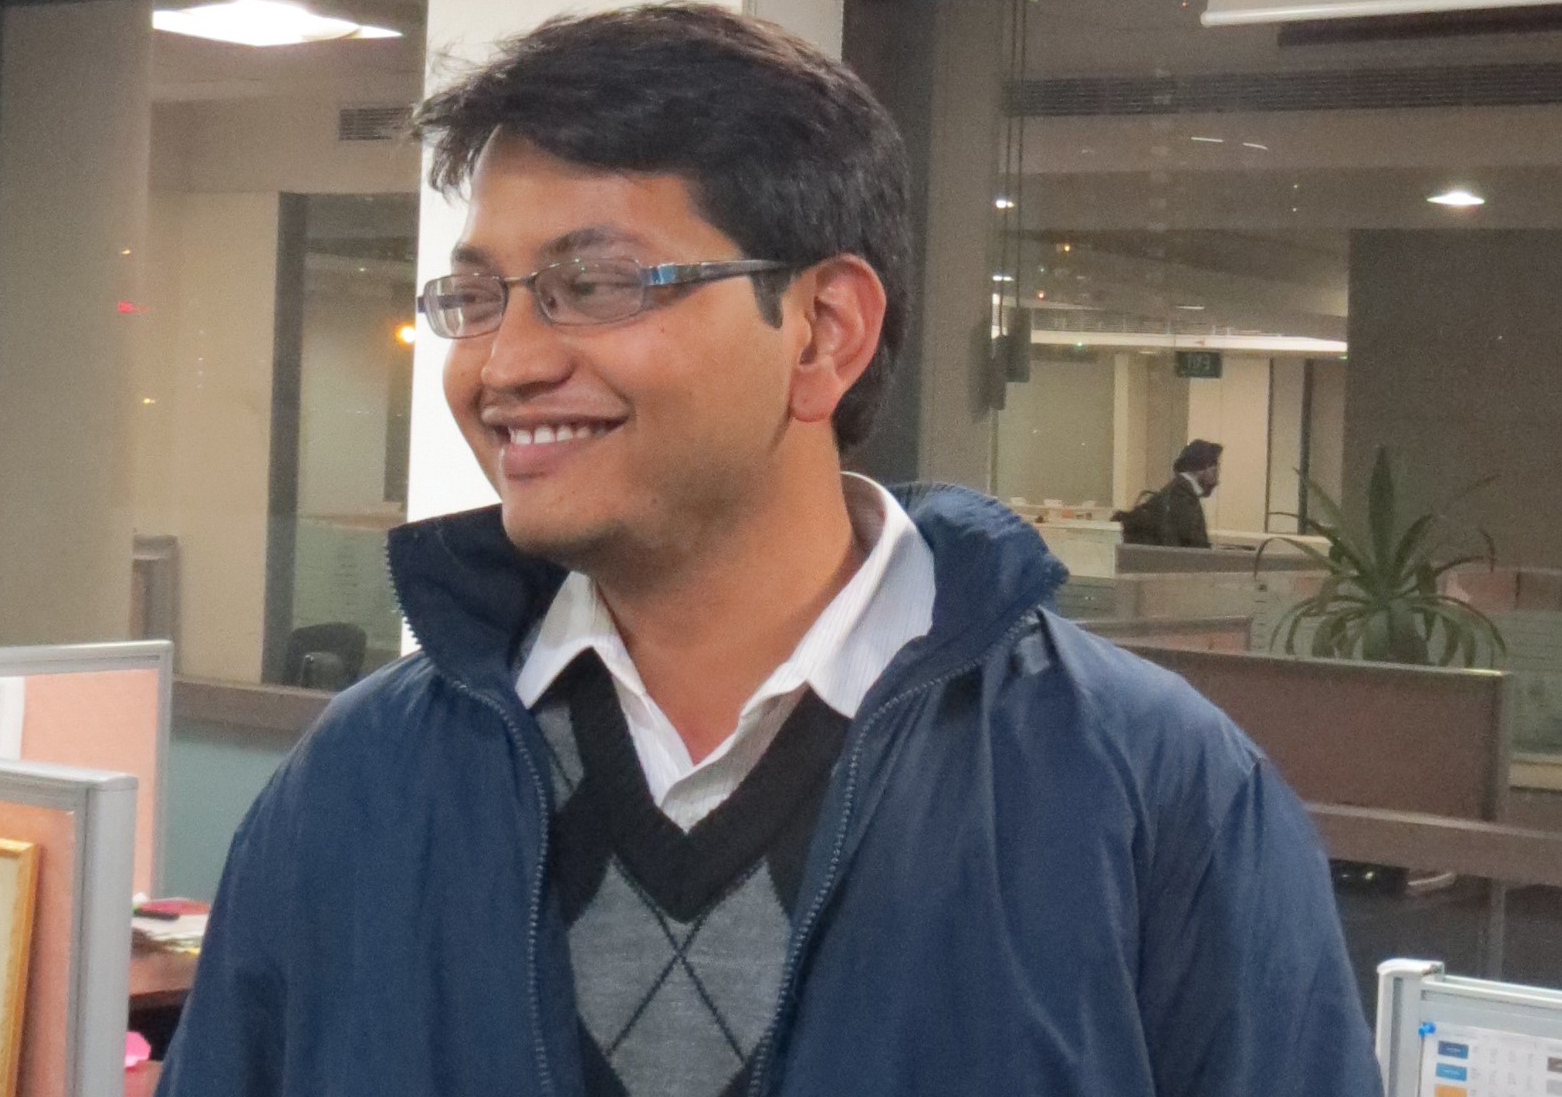 Delhi's Proust Questionnaire – Pradeep Chaturvedi, Gurgaon